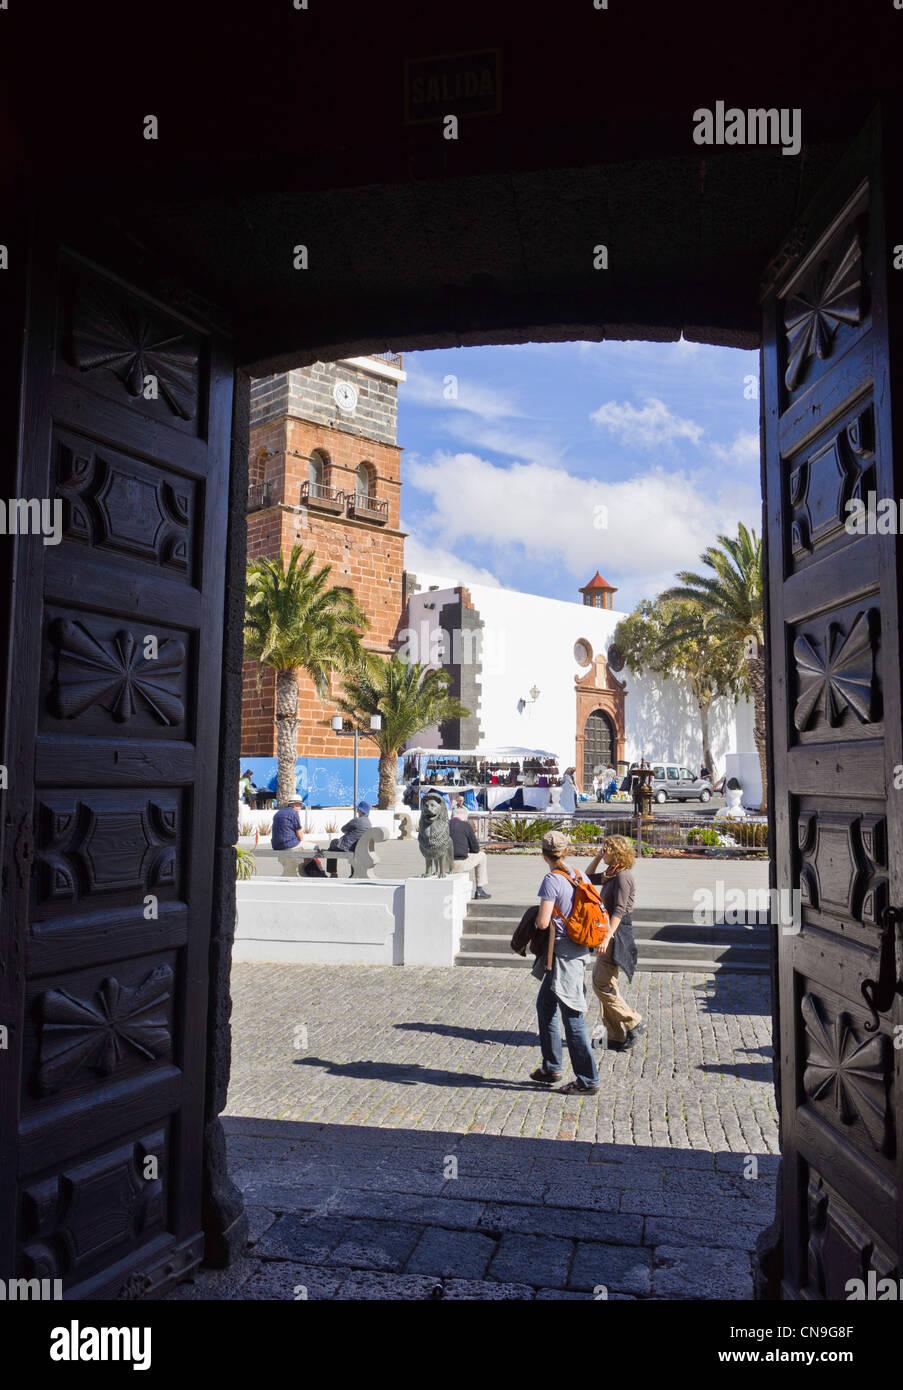 Blick auf Teguise Quadrat von Türen des Casa del Timple Stockbild